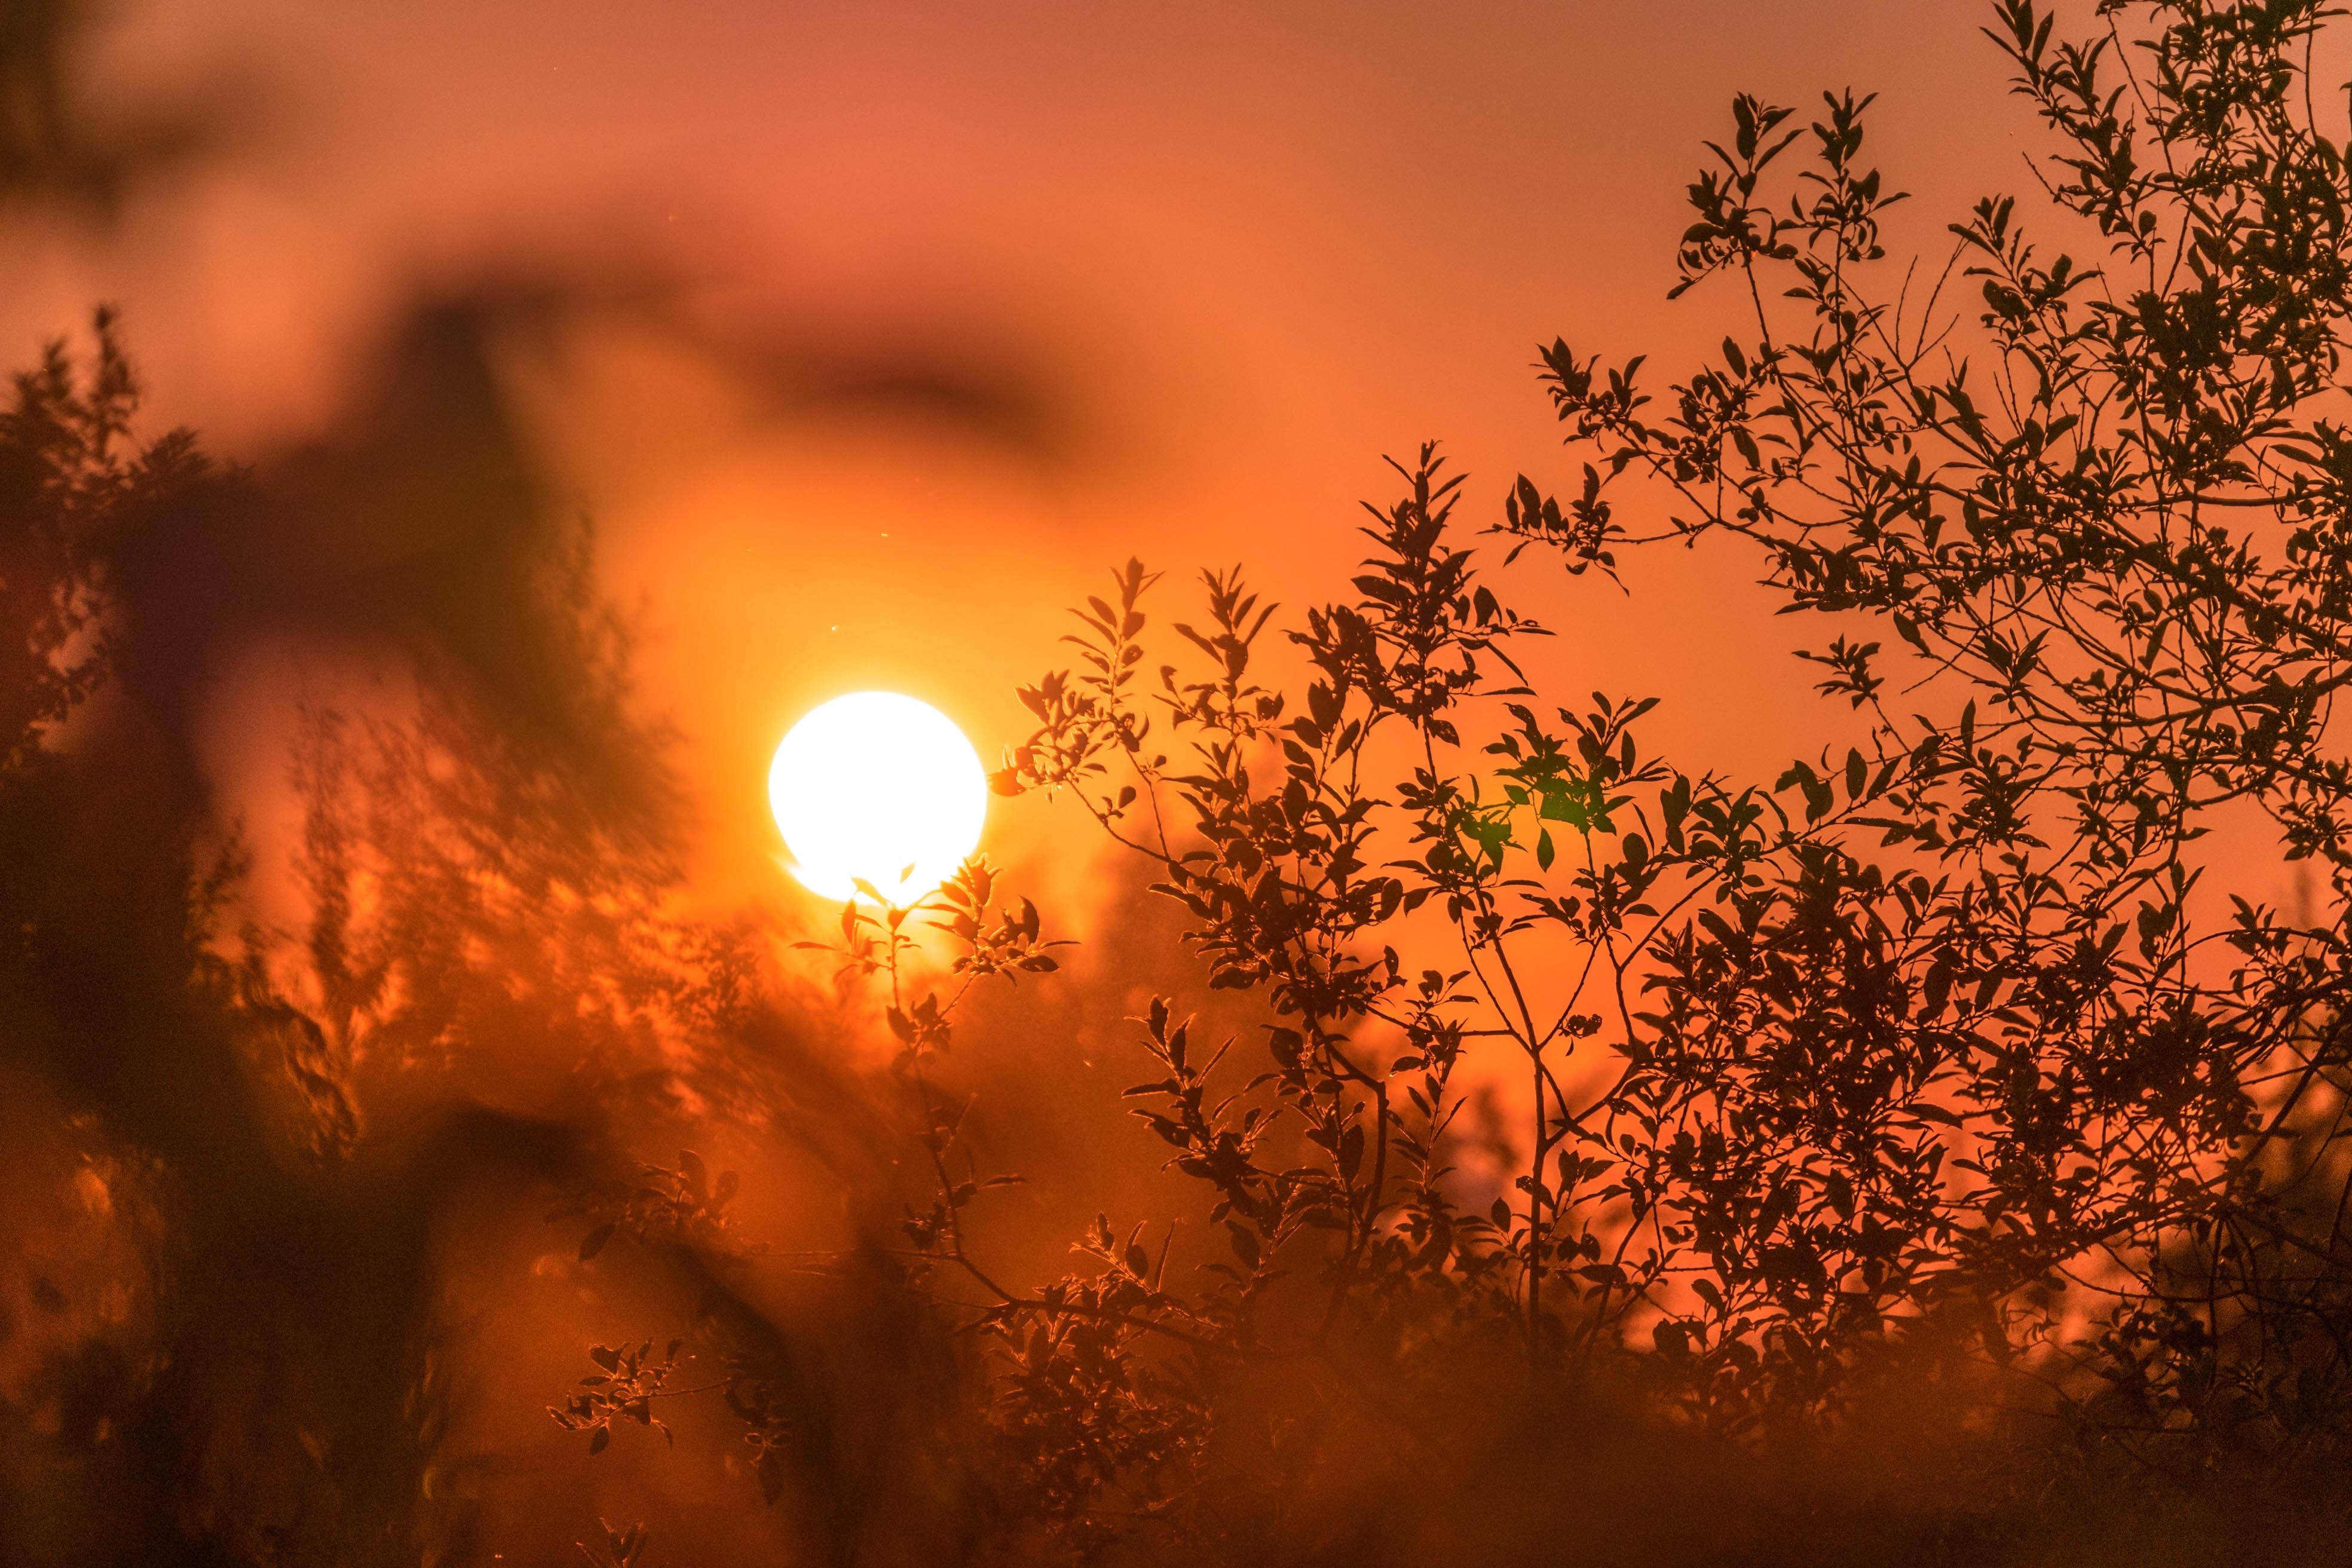 A nyár legmelegebb napja jöhet ma Magyarországon